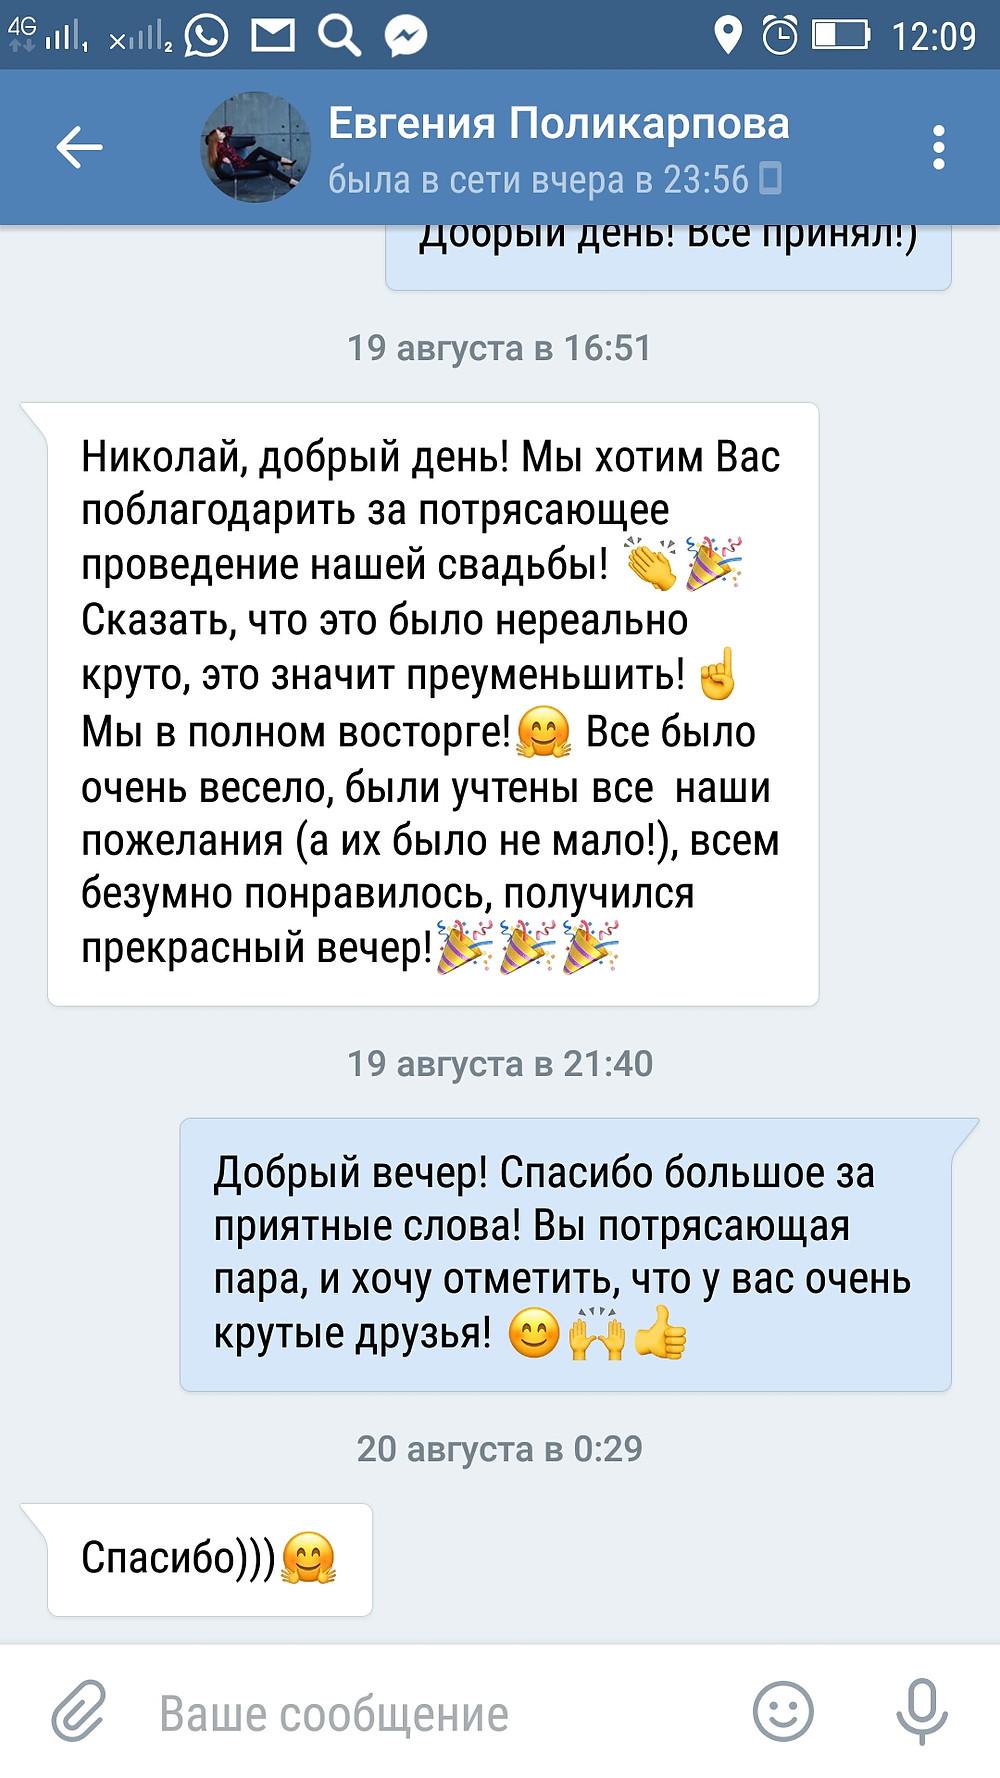 Отзывы о ведущем, Николае Харатове